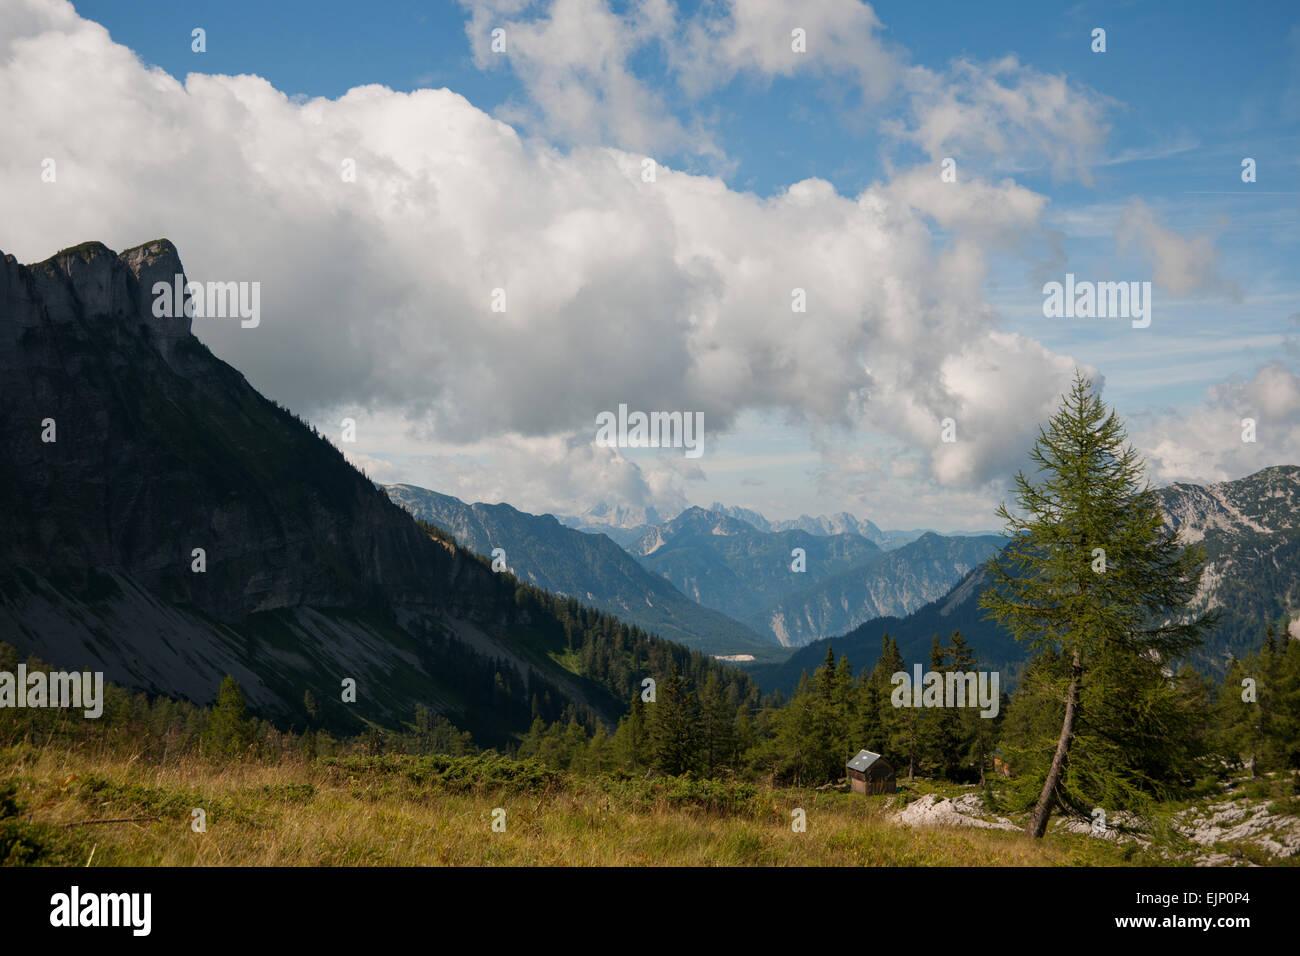 Gschwandtalm, Loser, Altaussee, Salzkammergut, Styria, Austria - Stock Image